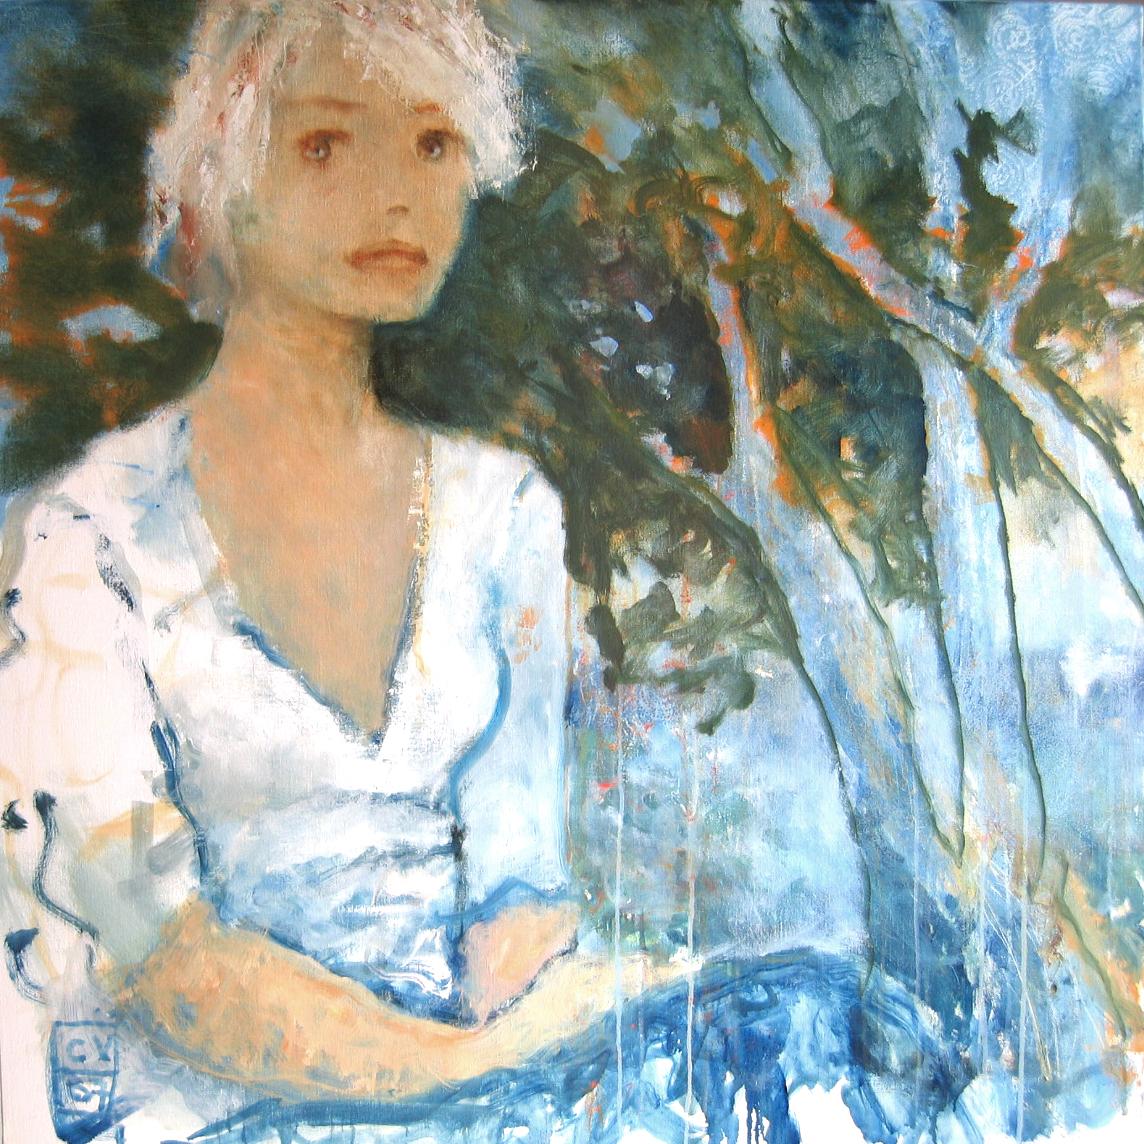 Les yeux bleus - 2007 - 100 x 100 cm